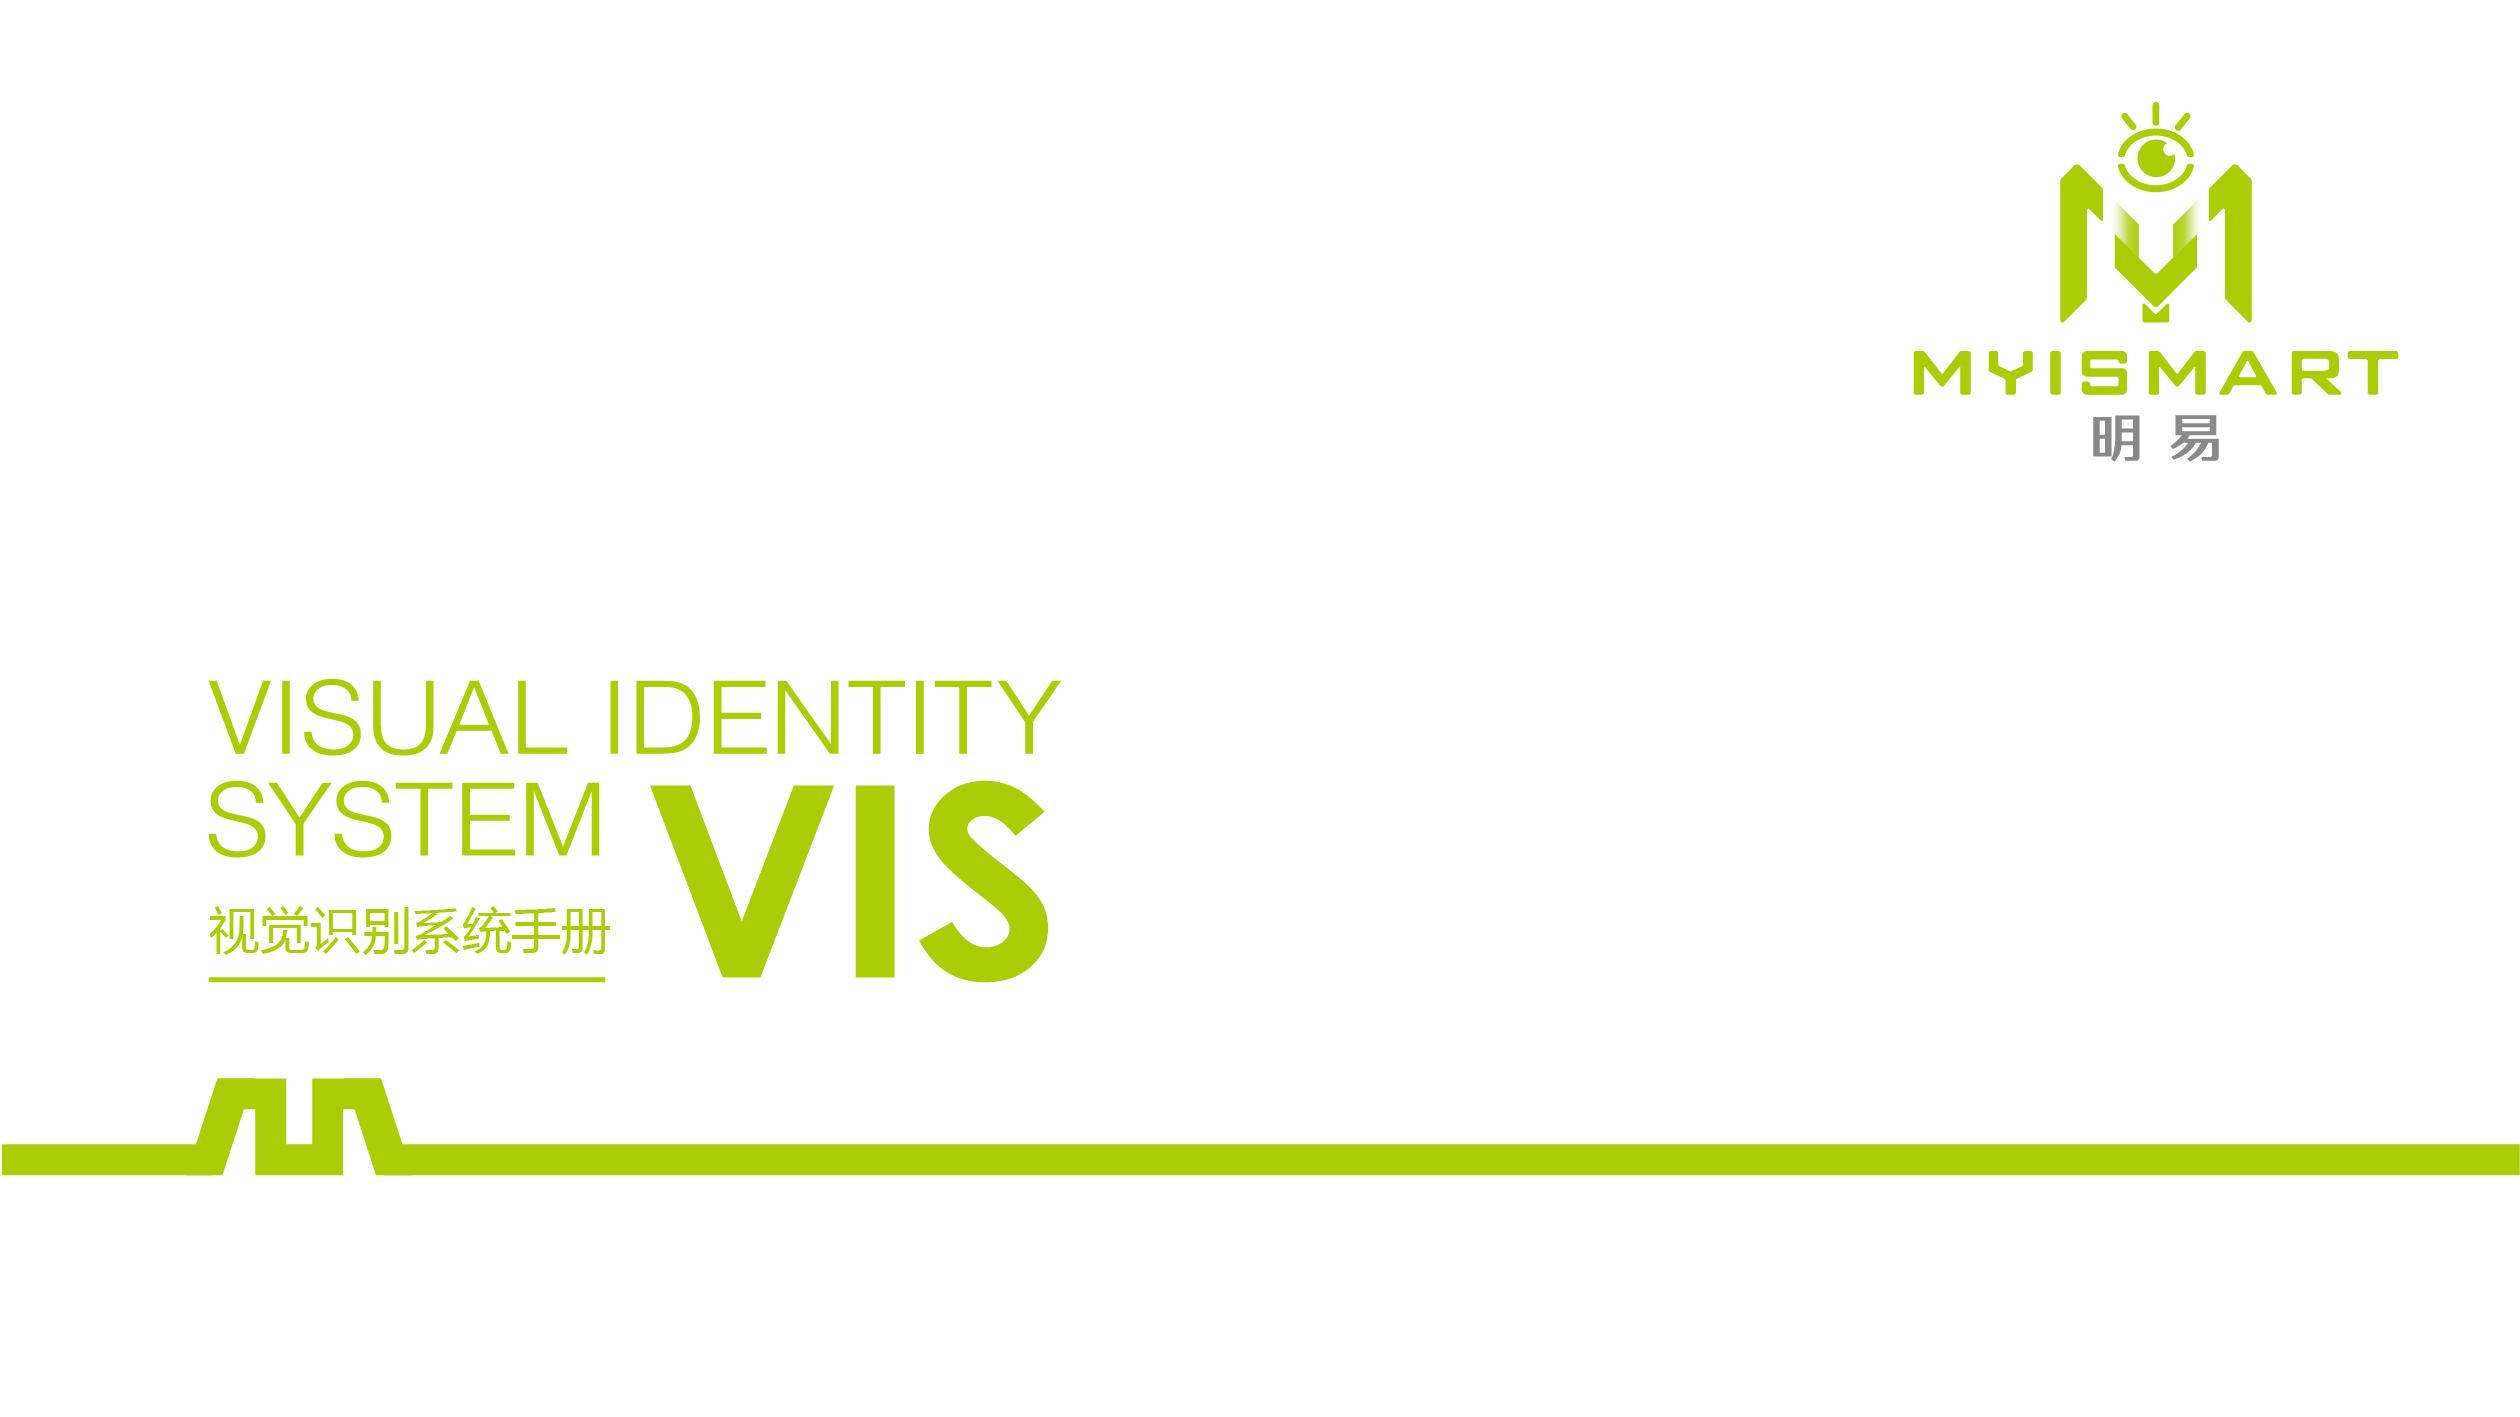 明易智能家居公司VI设计